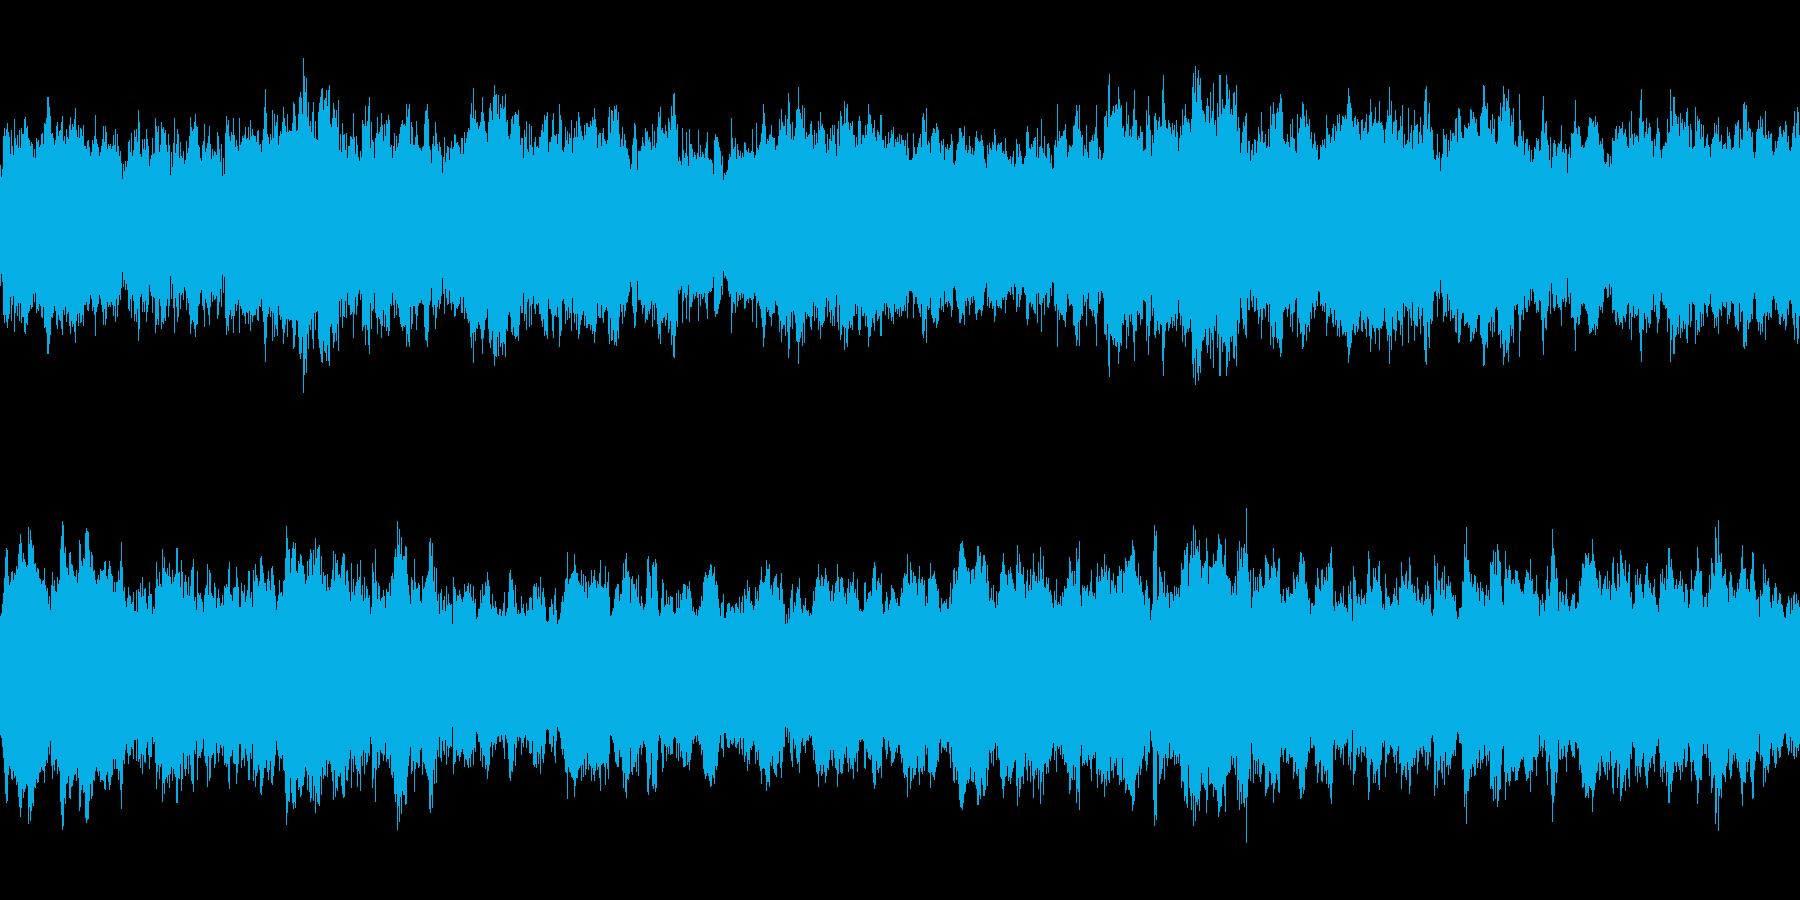 【メロディ・ドラム抜き】コーラス感の強…の再生済みの波形